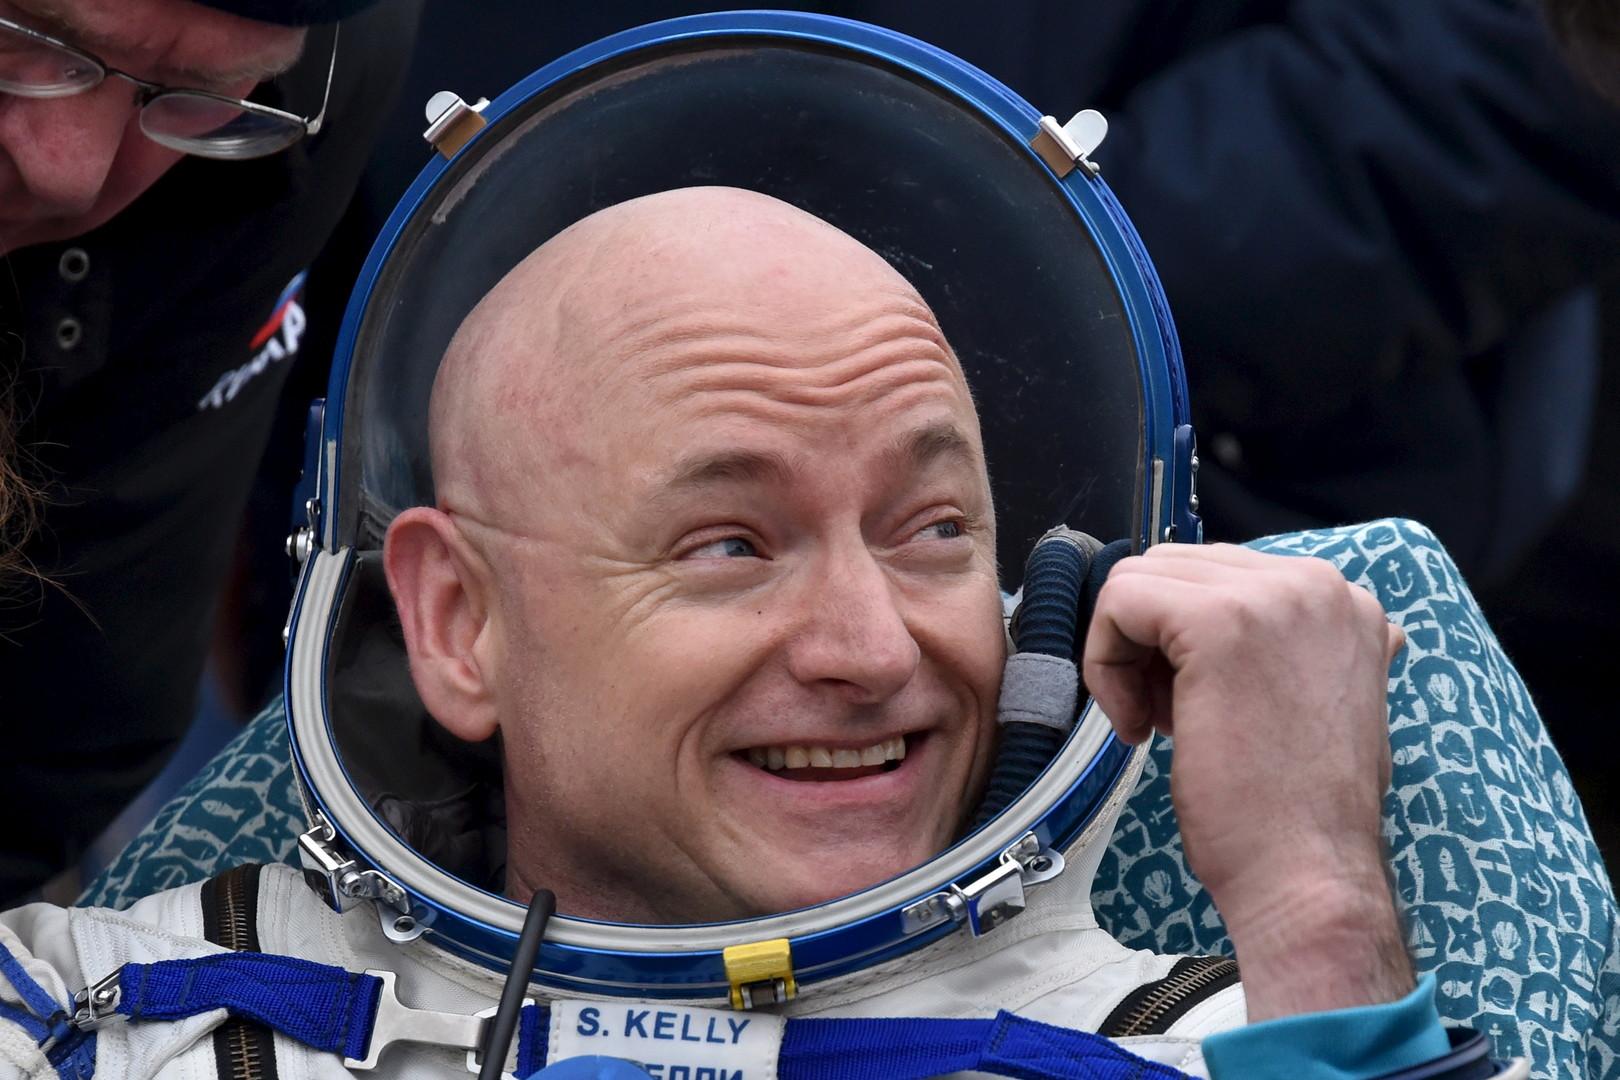 Der amerikanische Astronaut Scott Kelly ist mit der Landung sichtlich zufrieden.